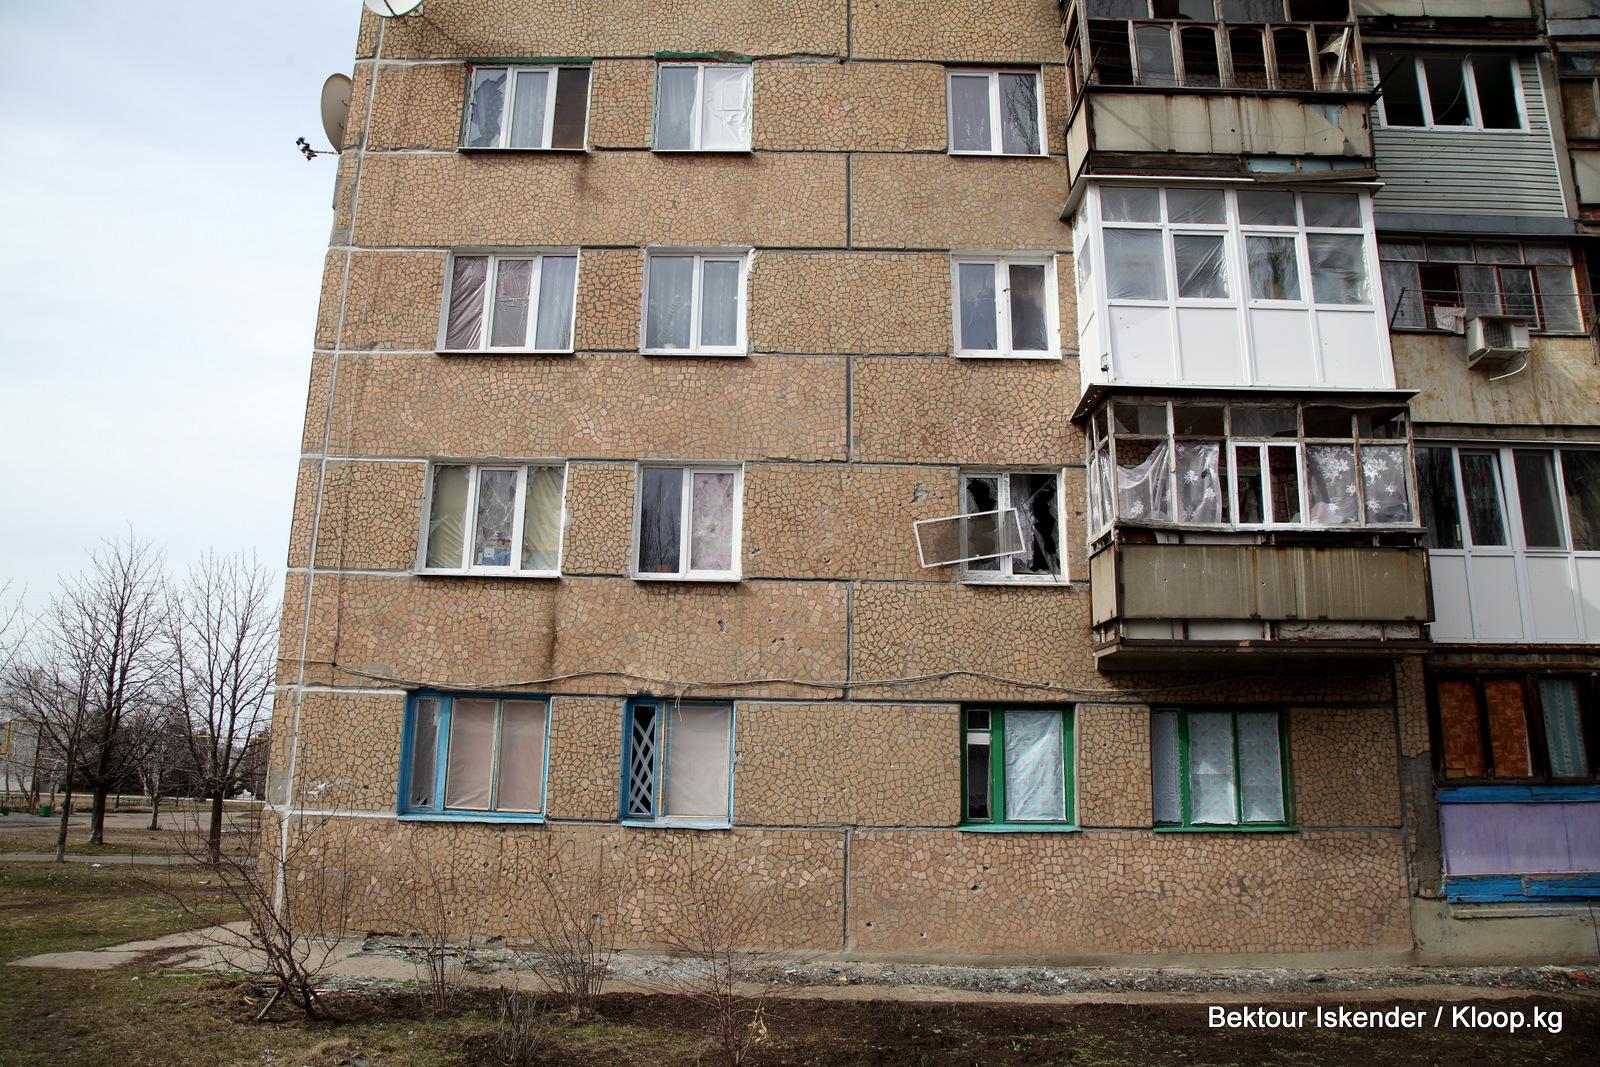 svitlodarsk_1248-001